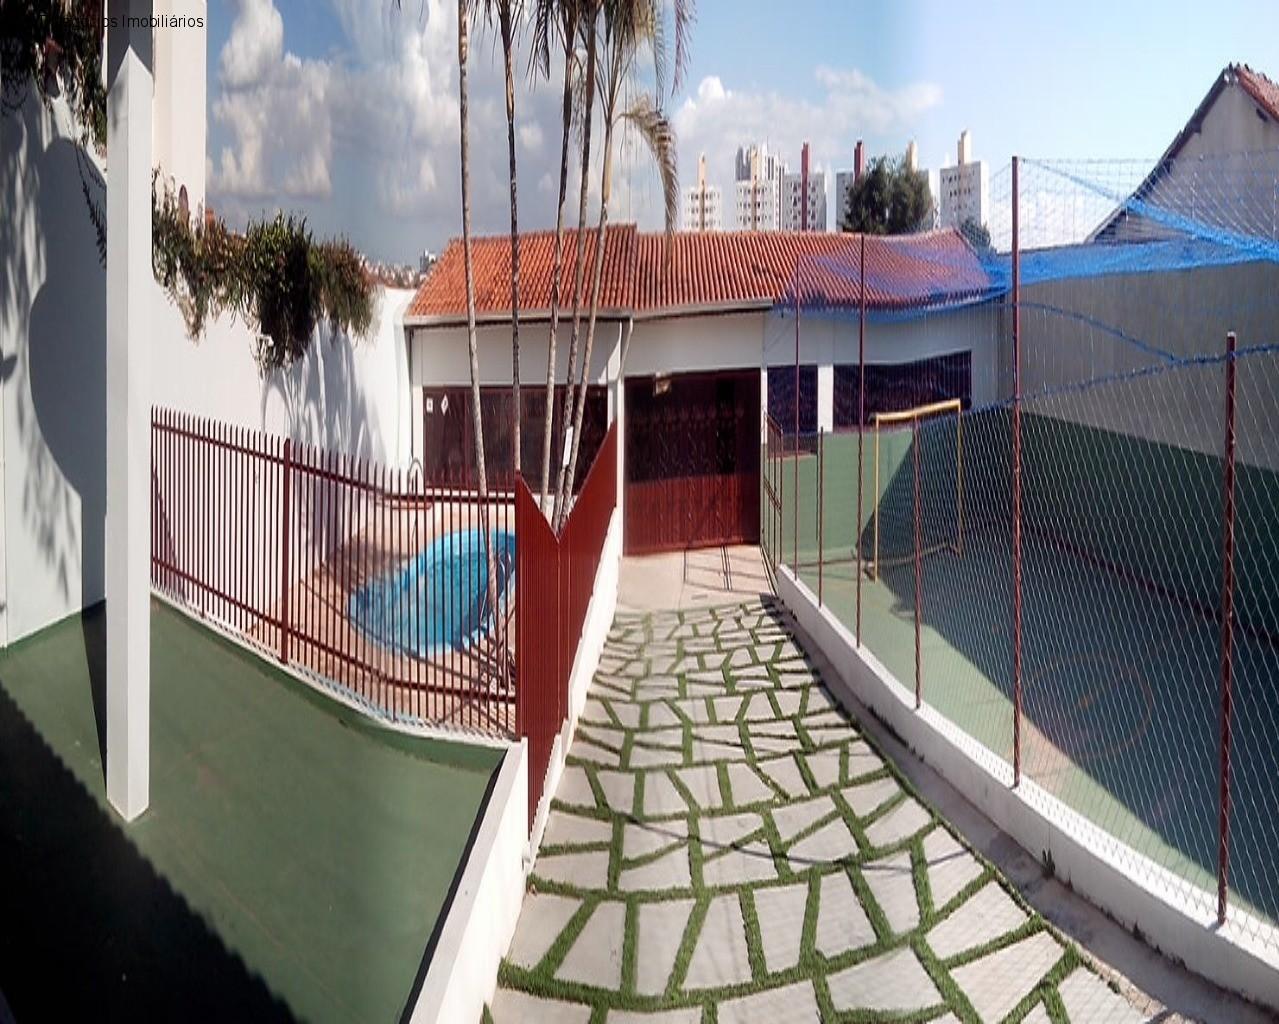 Casa Comercial com 1 Quarto,Jardim Gonçalves, Sorocaba